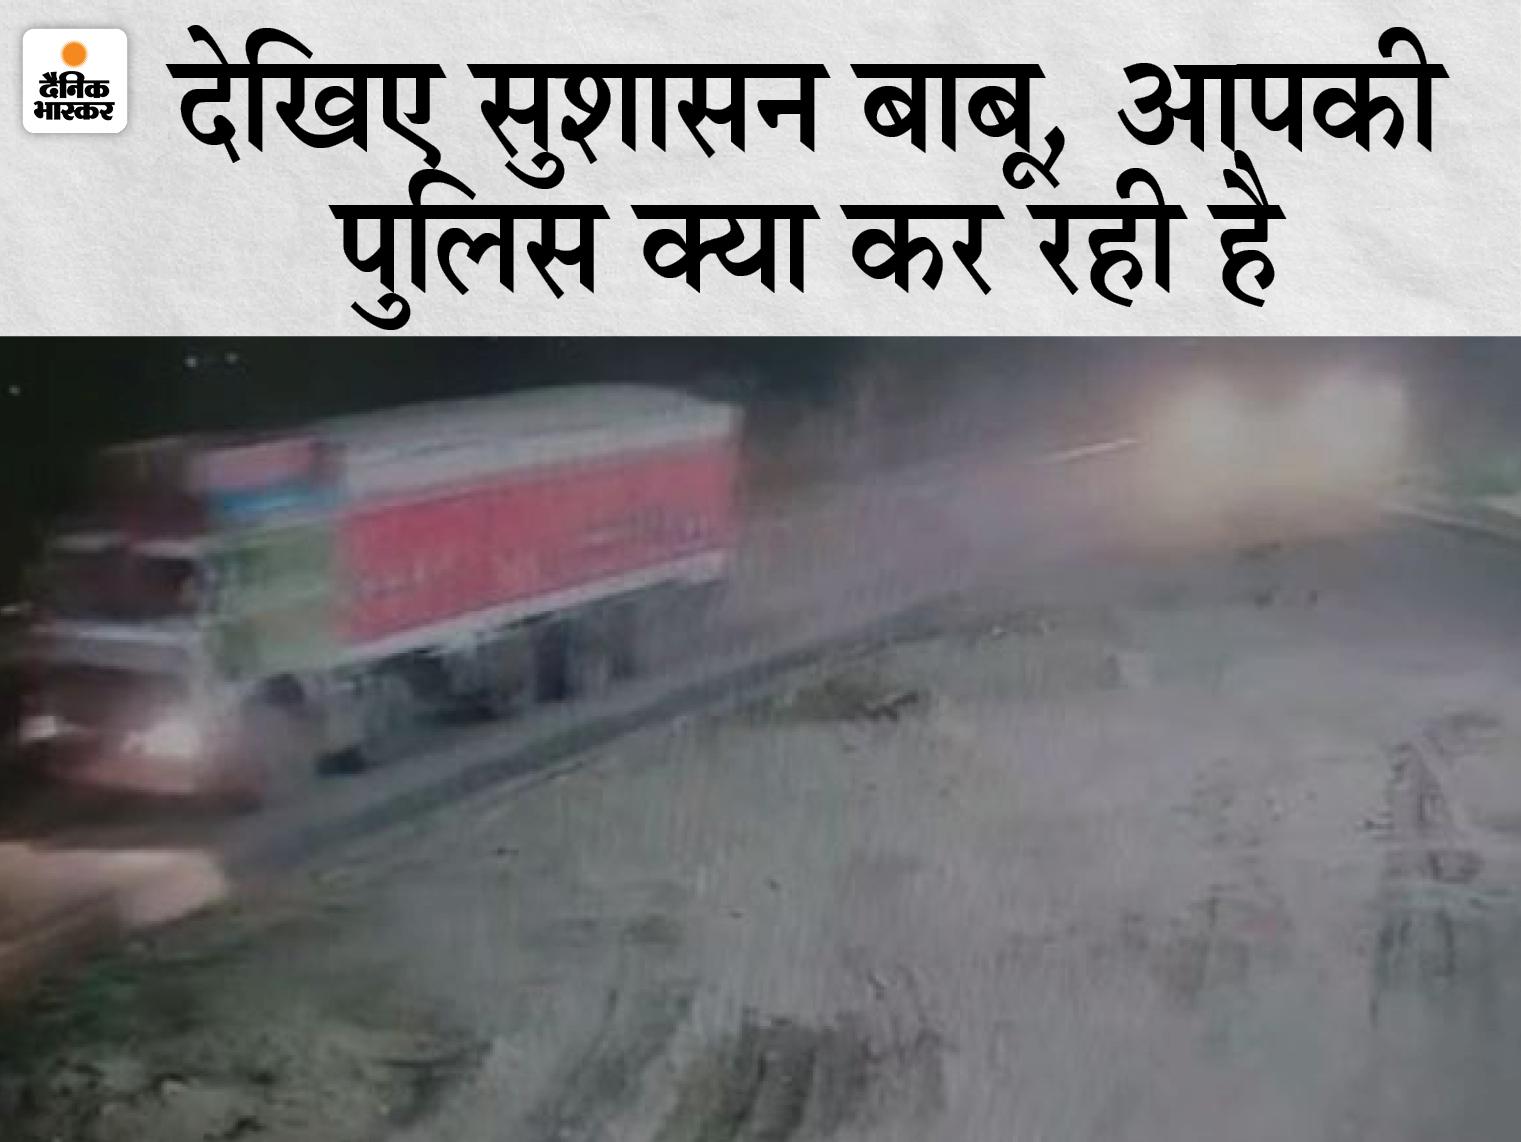 बिहार के 3 जिलों के 138 घाटों पर बालू माफियाओं का राज; भोजपुर में पुलिस एस्कॉर्ट करती दिखी|बिहार,Bihar - Dainik Bhaskar